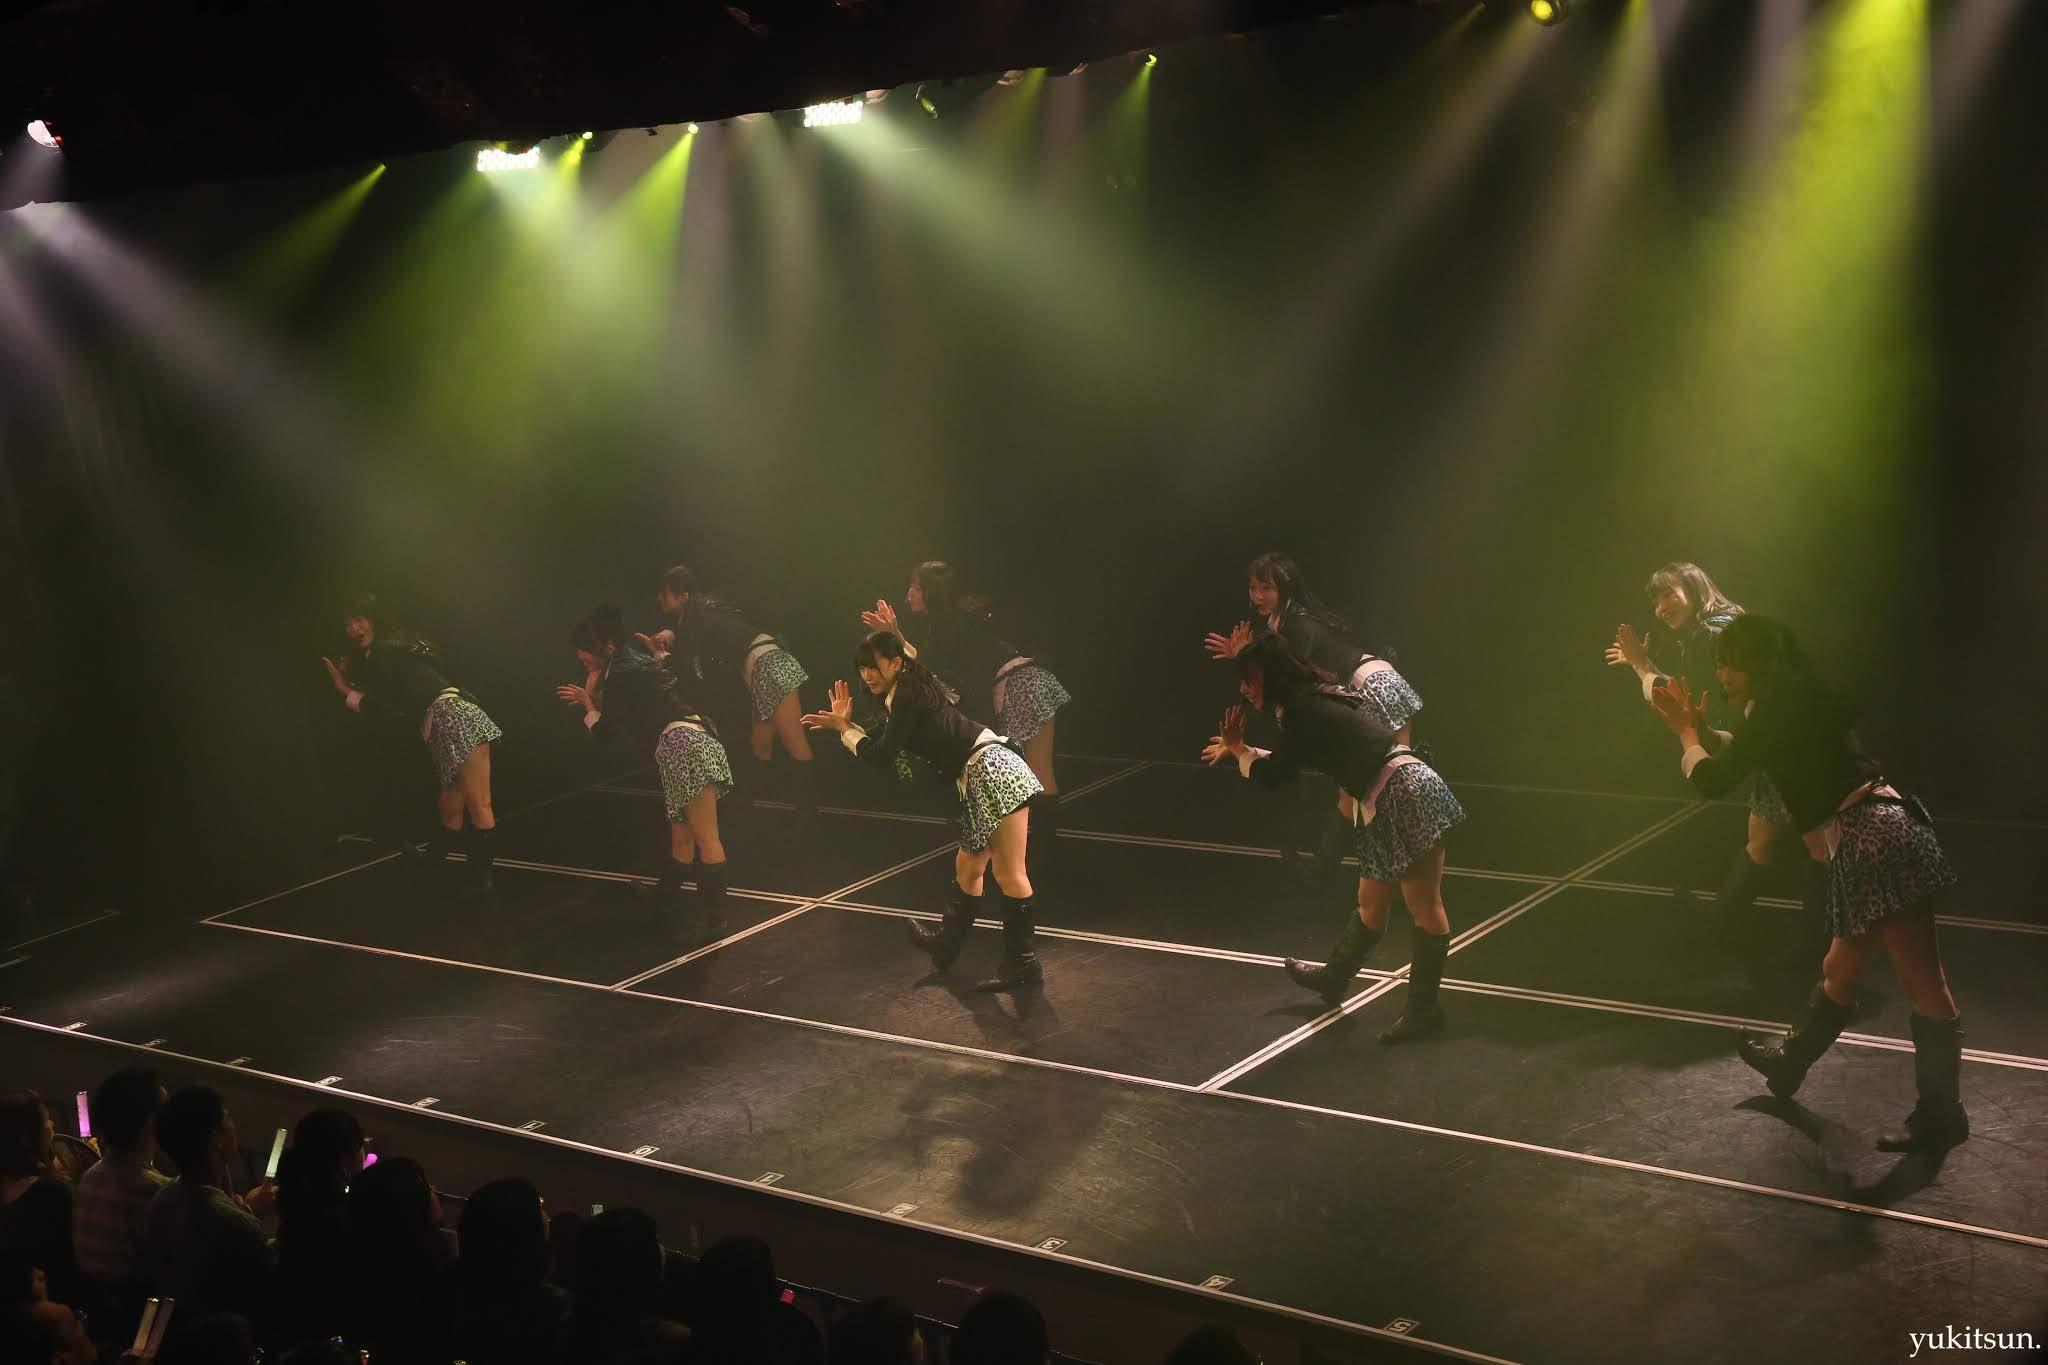 shinjidai-97